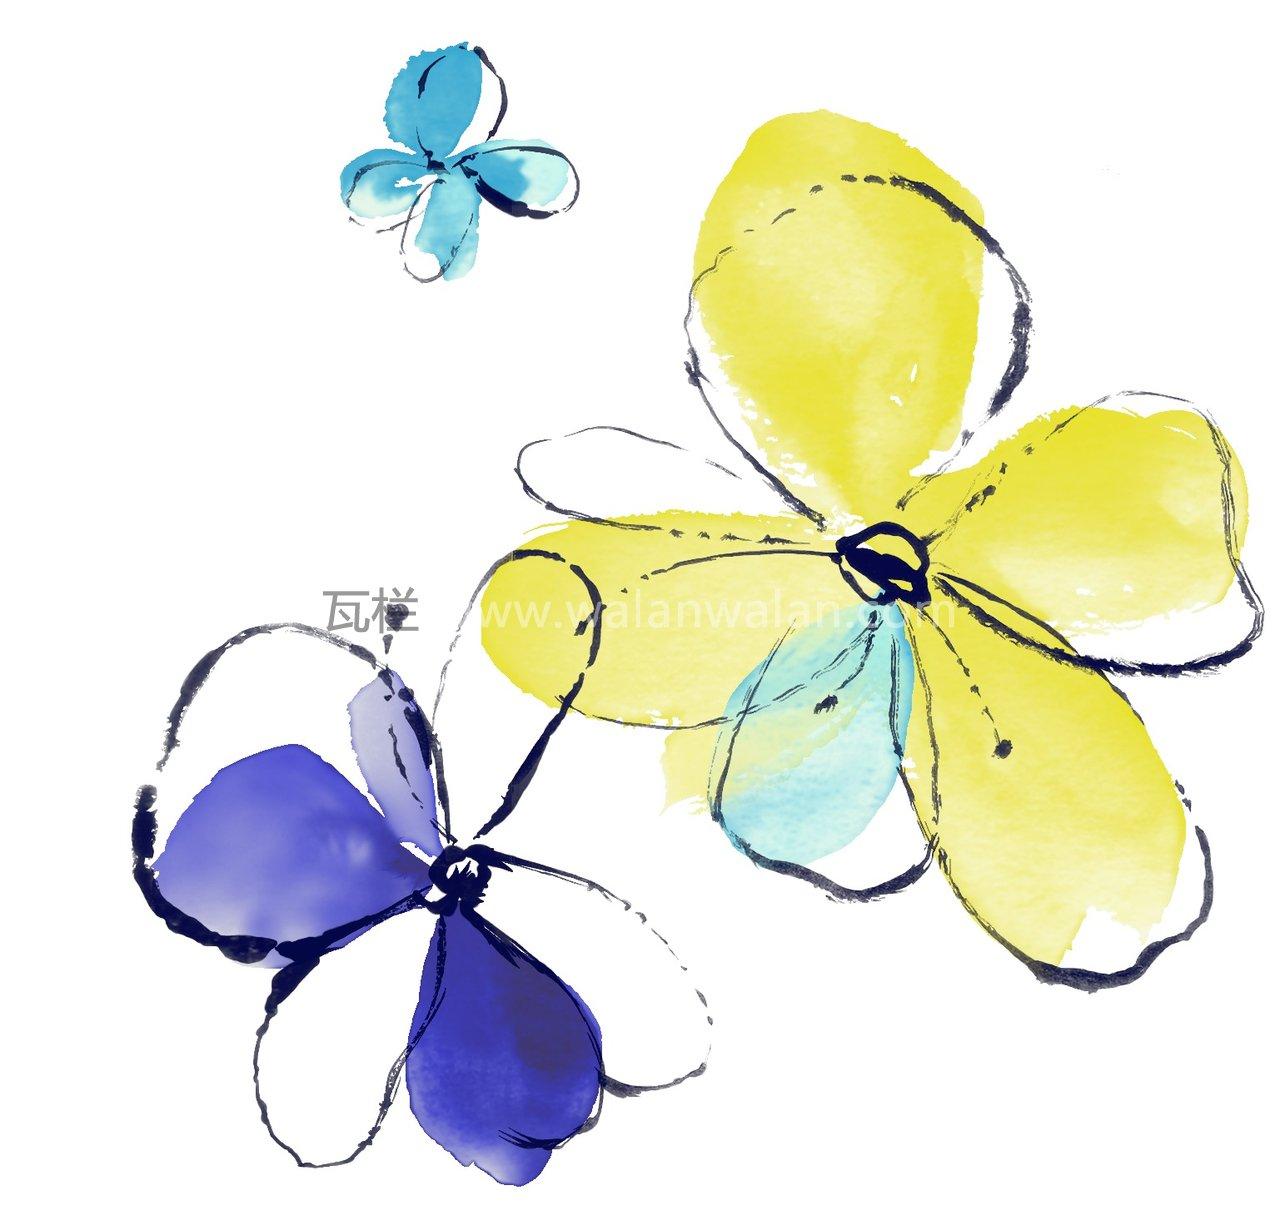 psd  关键字       白底, 花瓣, 花朵, 黄色, 蓝色, 水彩, 水墨